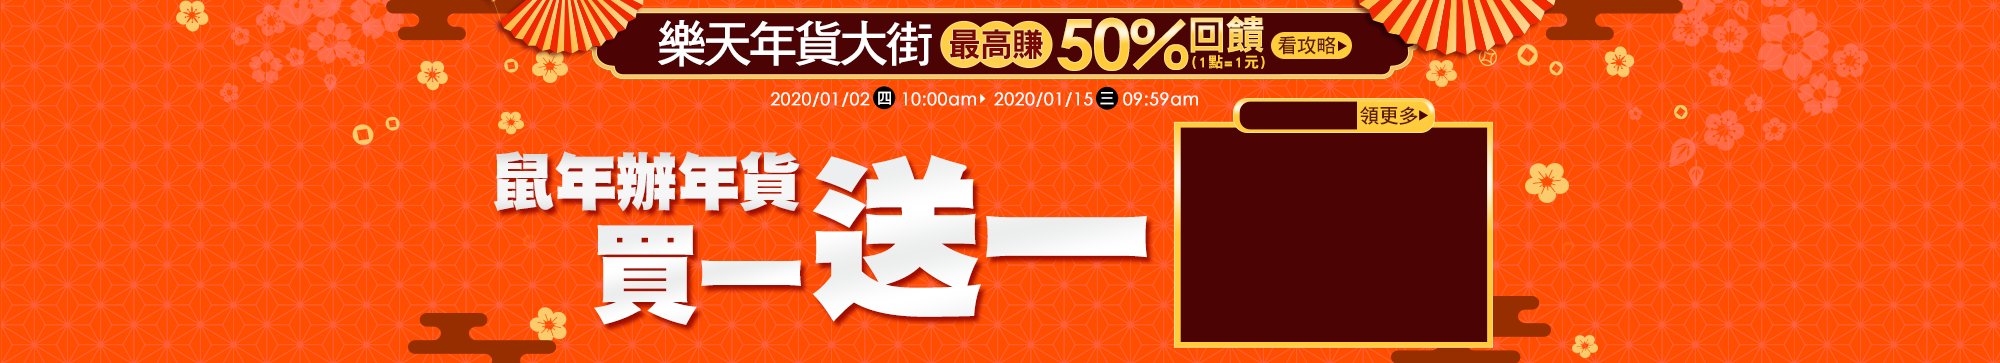 樂天年貨大街:年貨伴手禮買一送一,最高再賺50%回饋